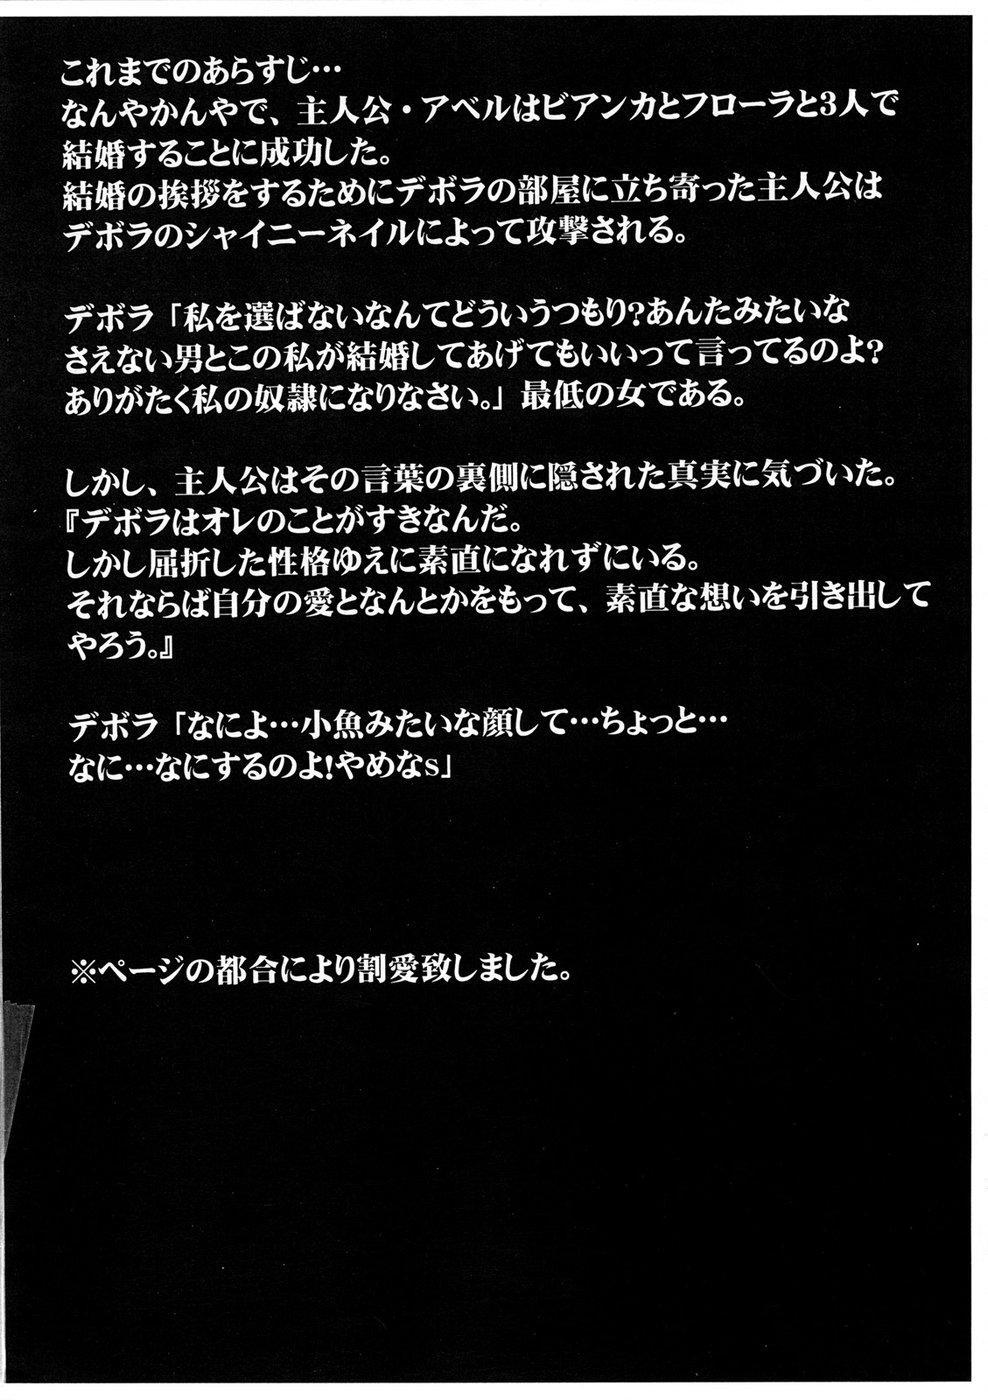 Mou Hitotsu no Kekkon Shoya 1